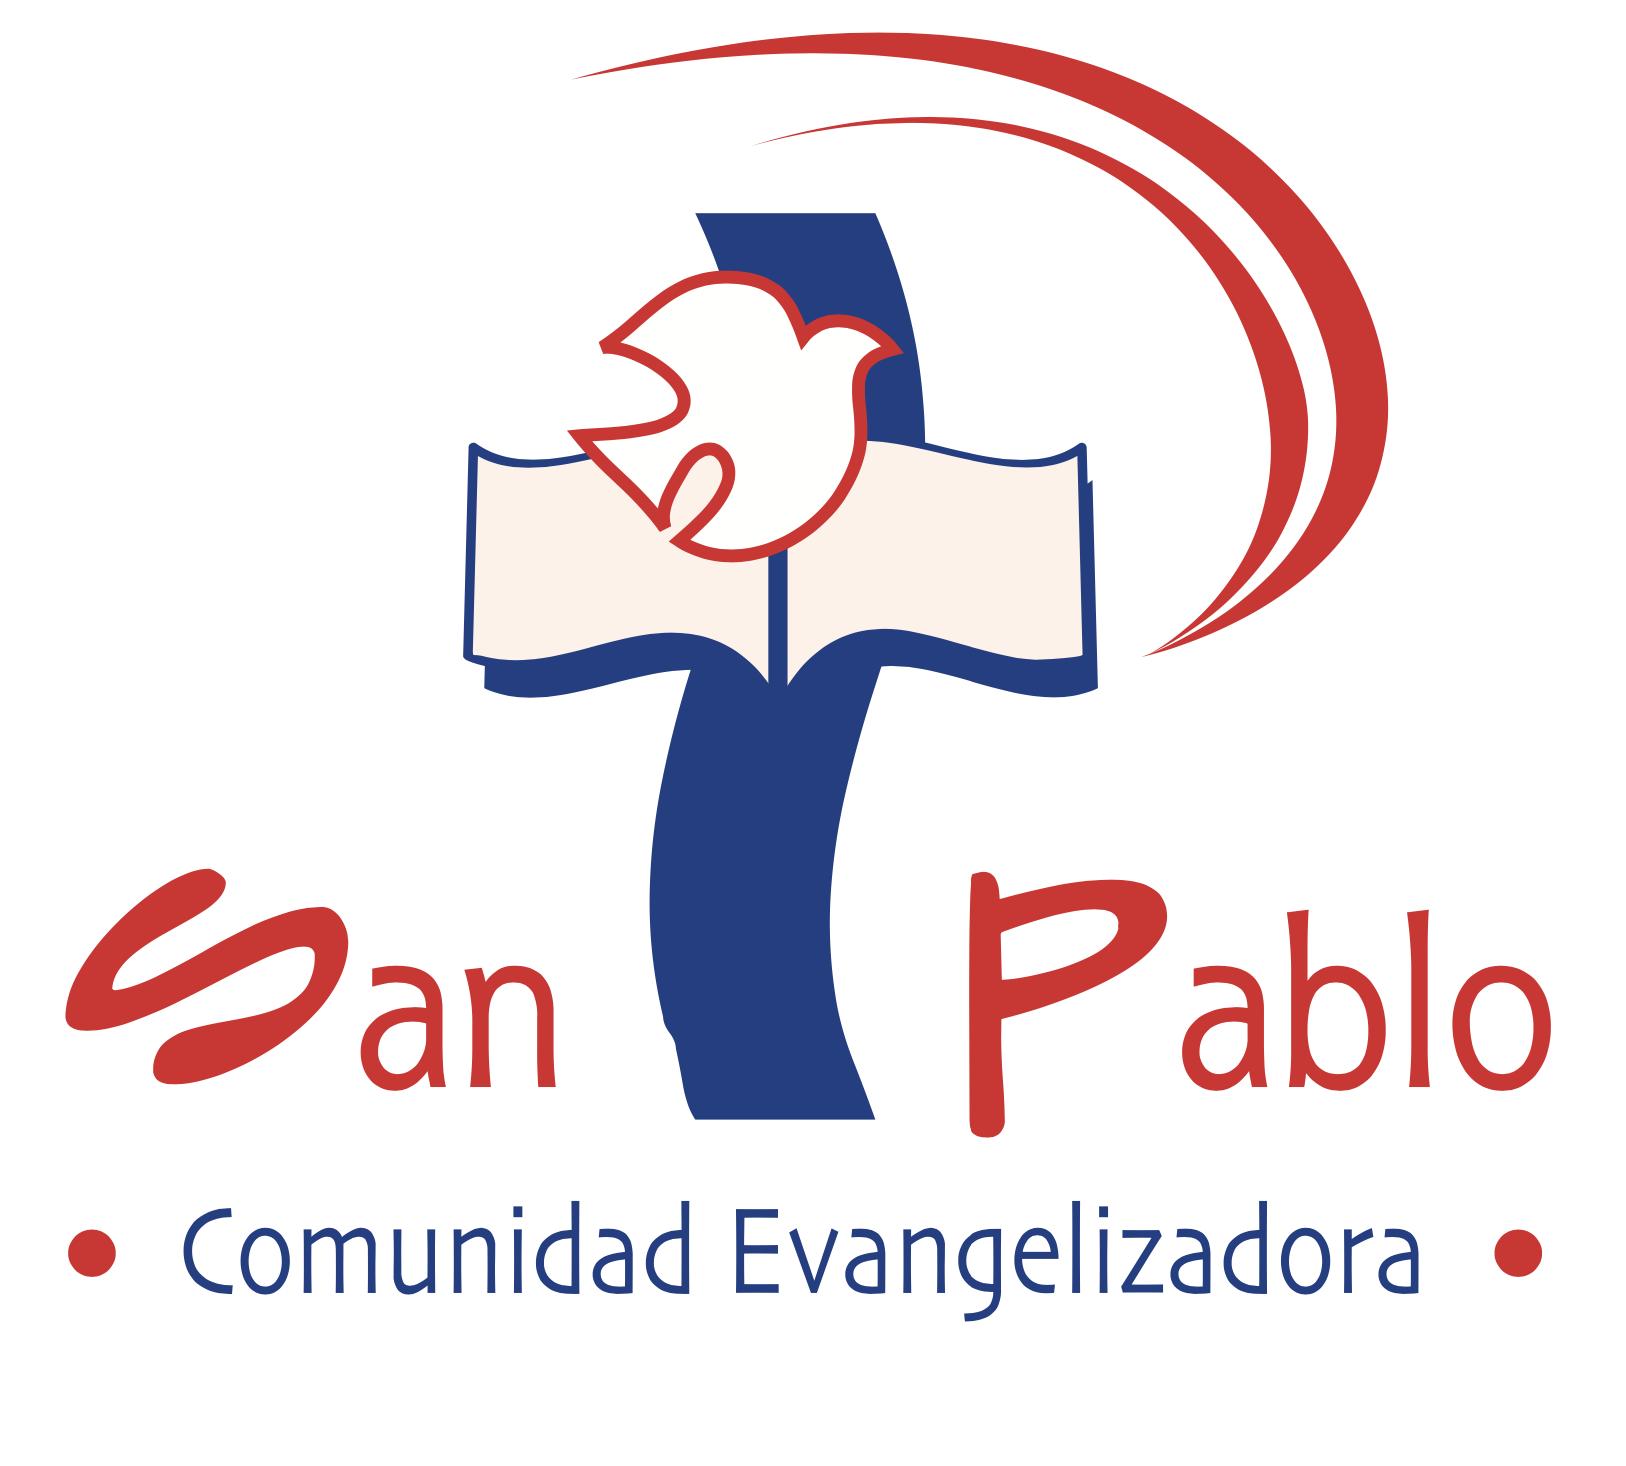 CE San Pablo